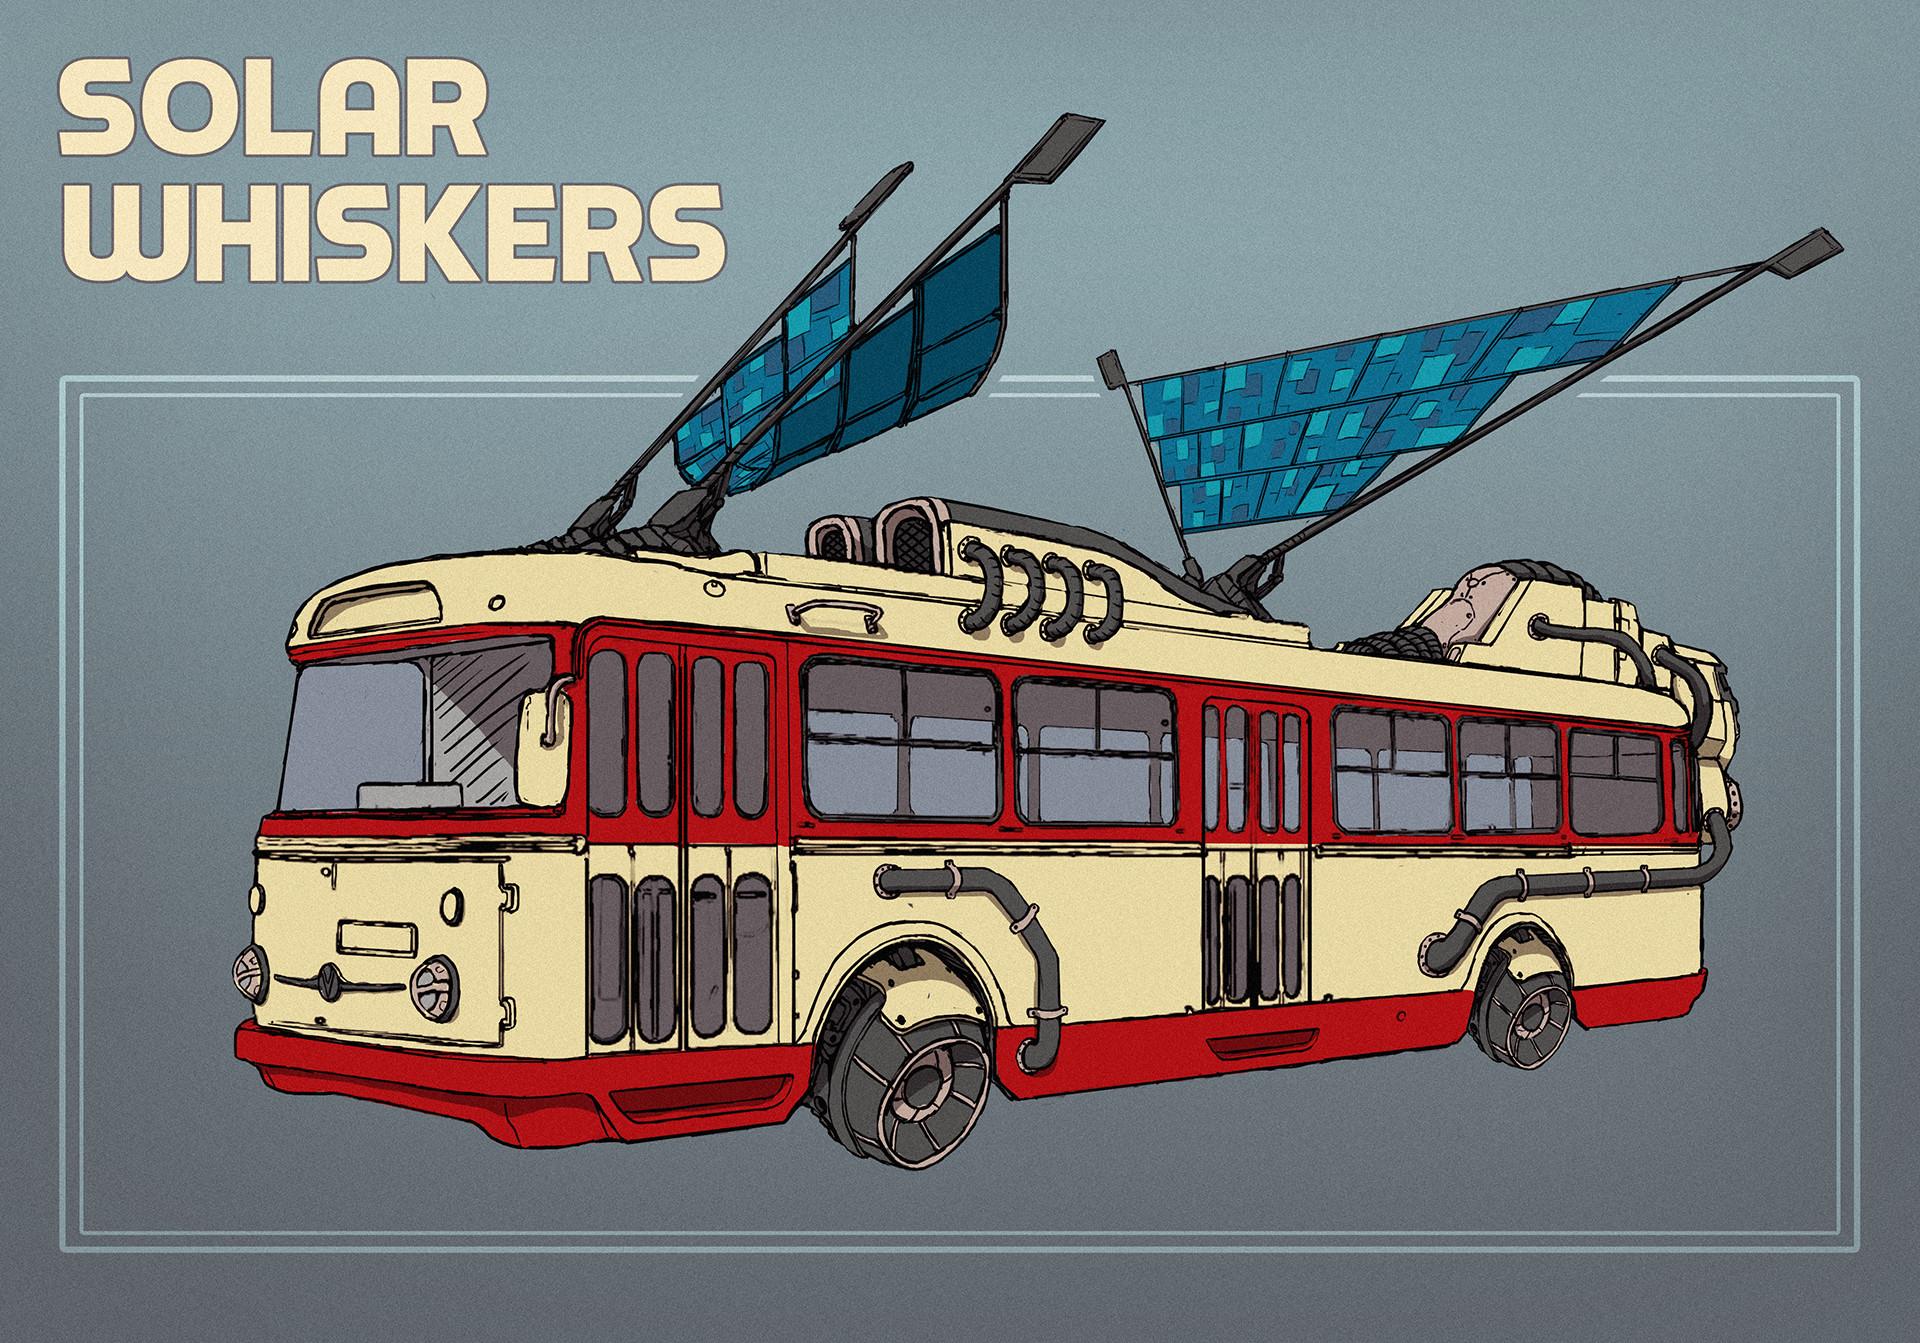 Danas matusevicius solar whiskers